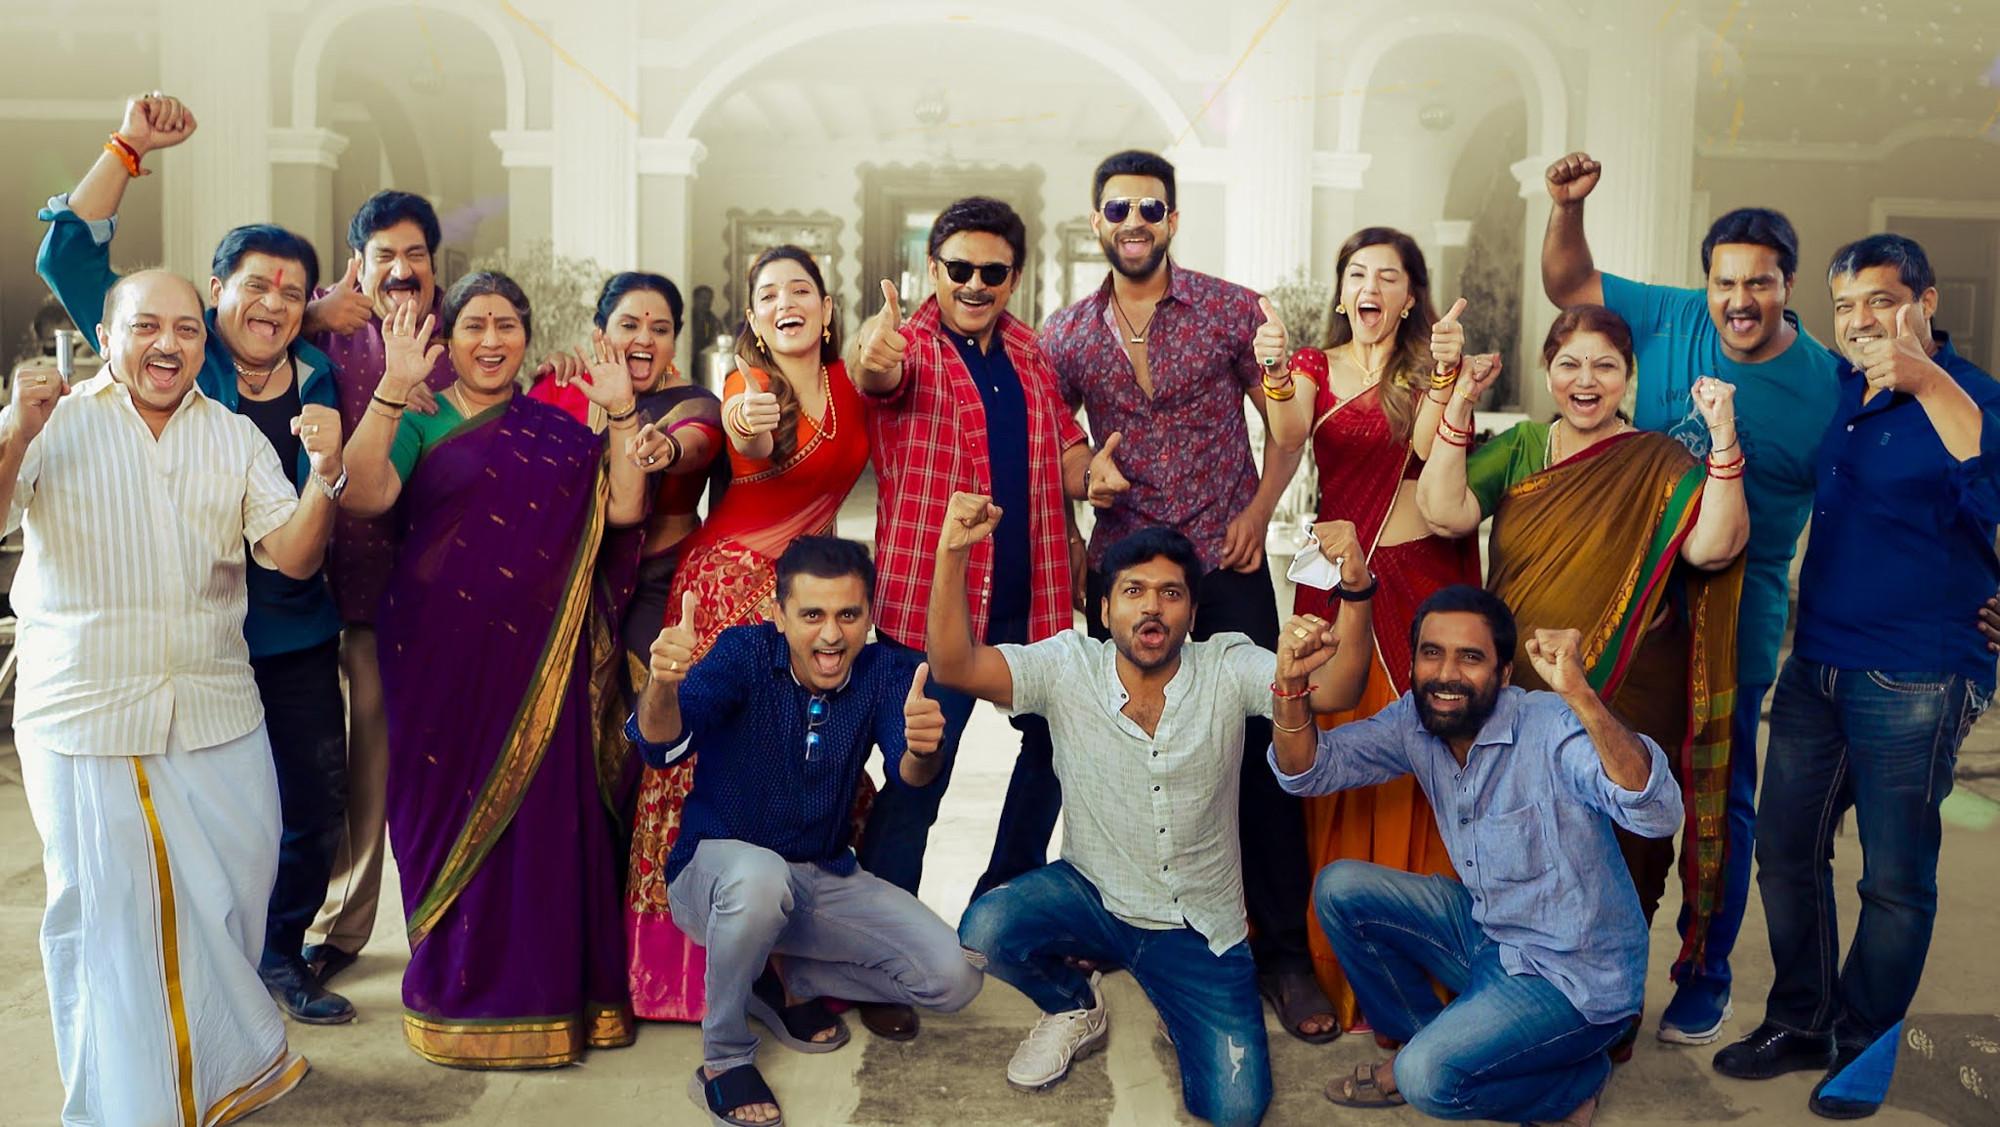 Venkatesh Varun Tej F3 Shooting Resumes In Hyderabad